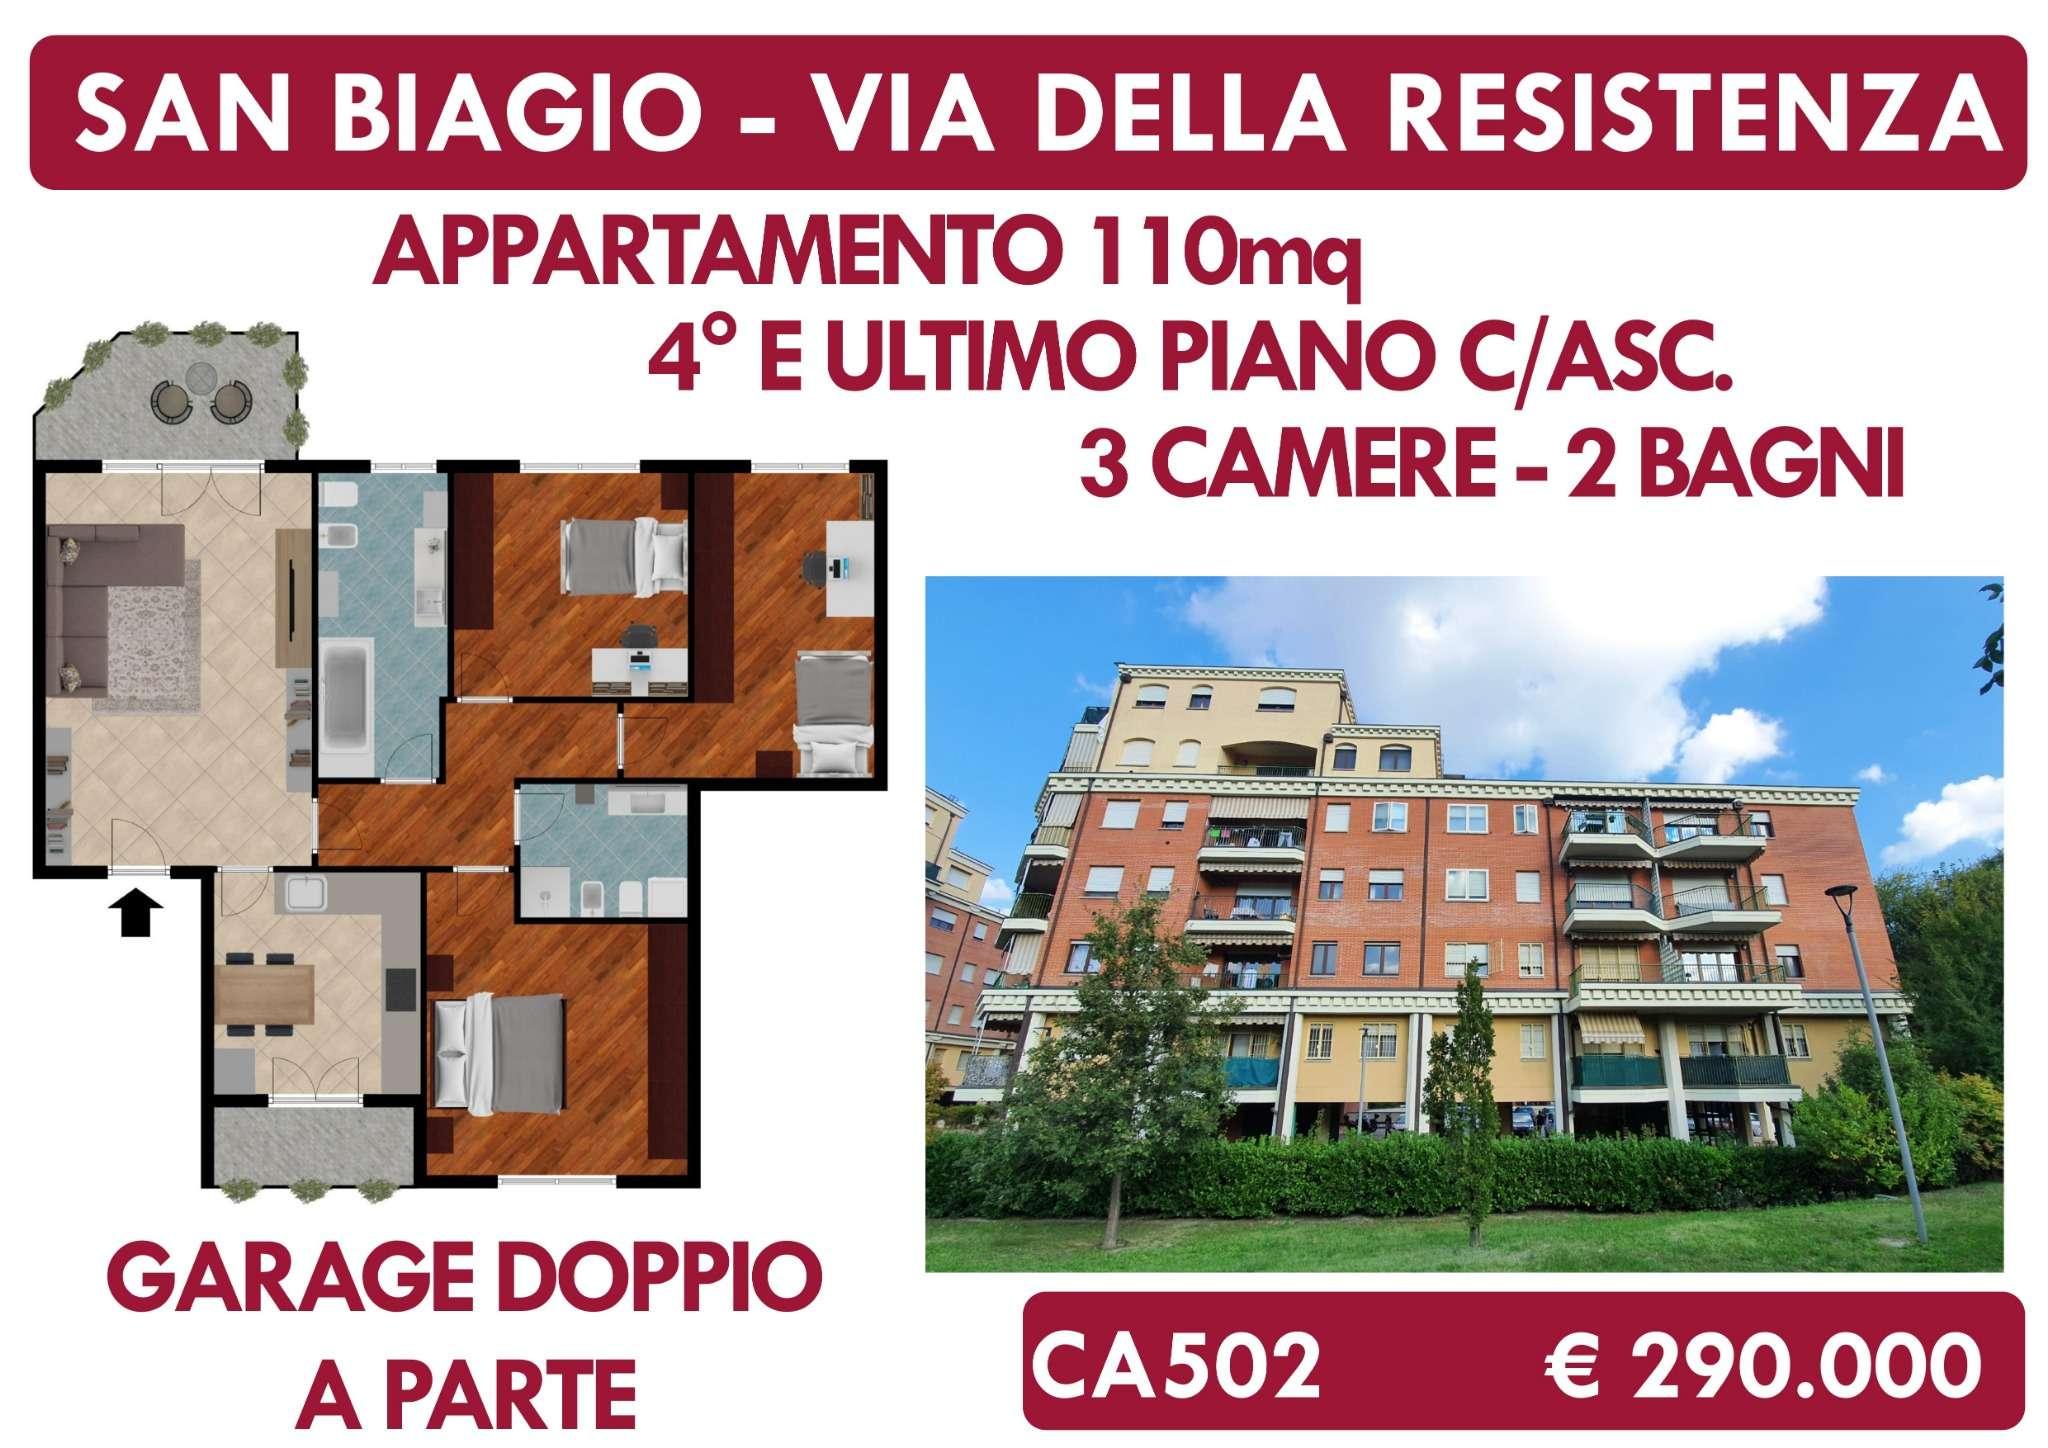 Appartamento in vendita a Casalecchio di Reno, 5 locali, prezzo € 290.000 | PortaleAgenzieImmobiliari.it